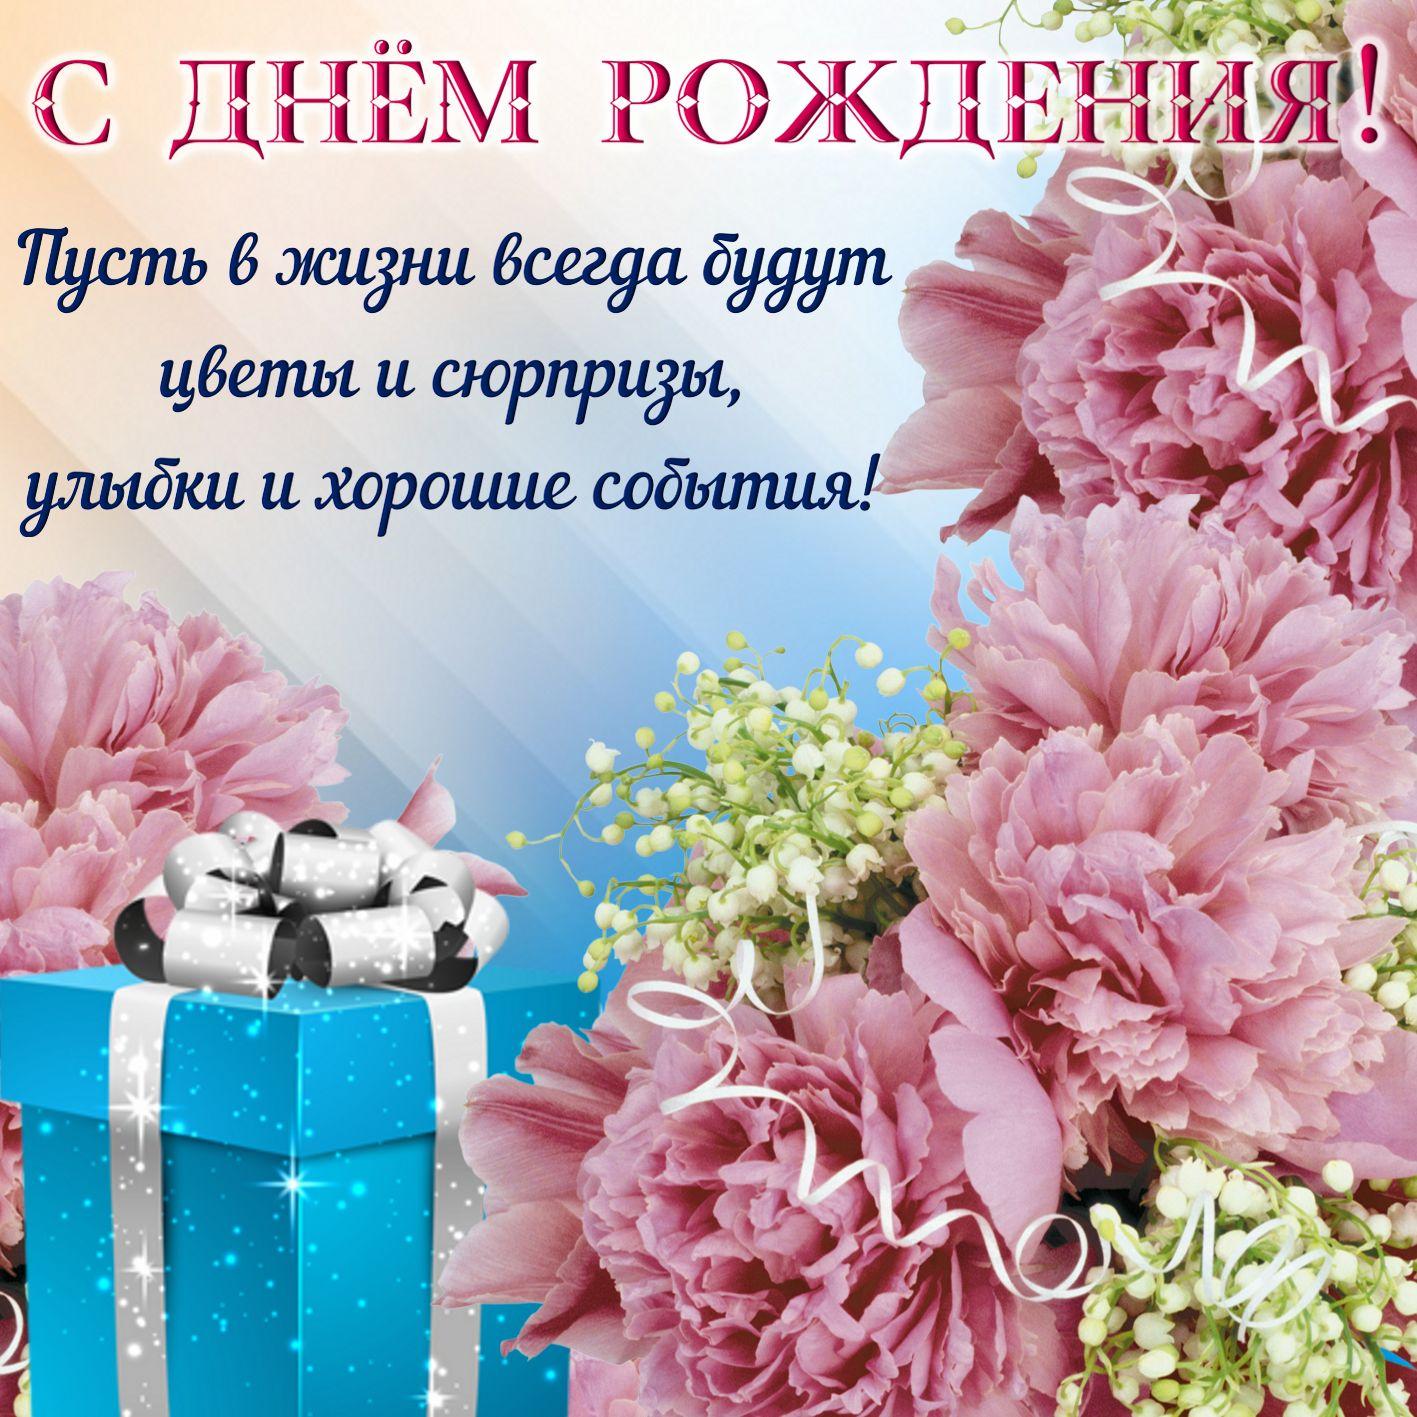 Марта, поздравление и картинки с днем рождения женщине